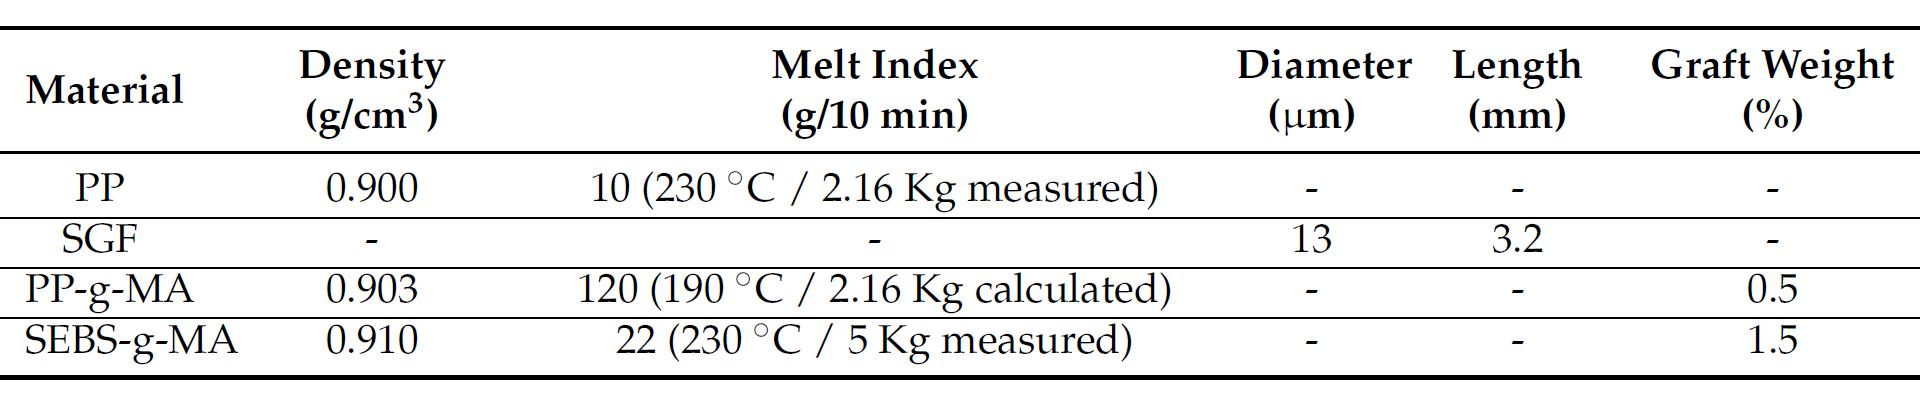 خواص مکانیکی ماتریس و رشته و عوامل اتصال دهنده PP/SGF